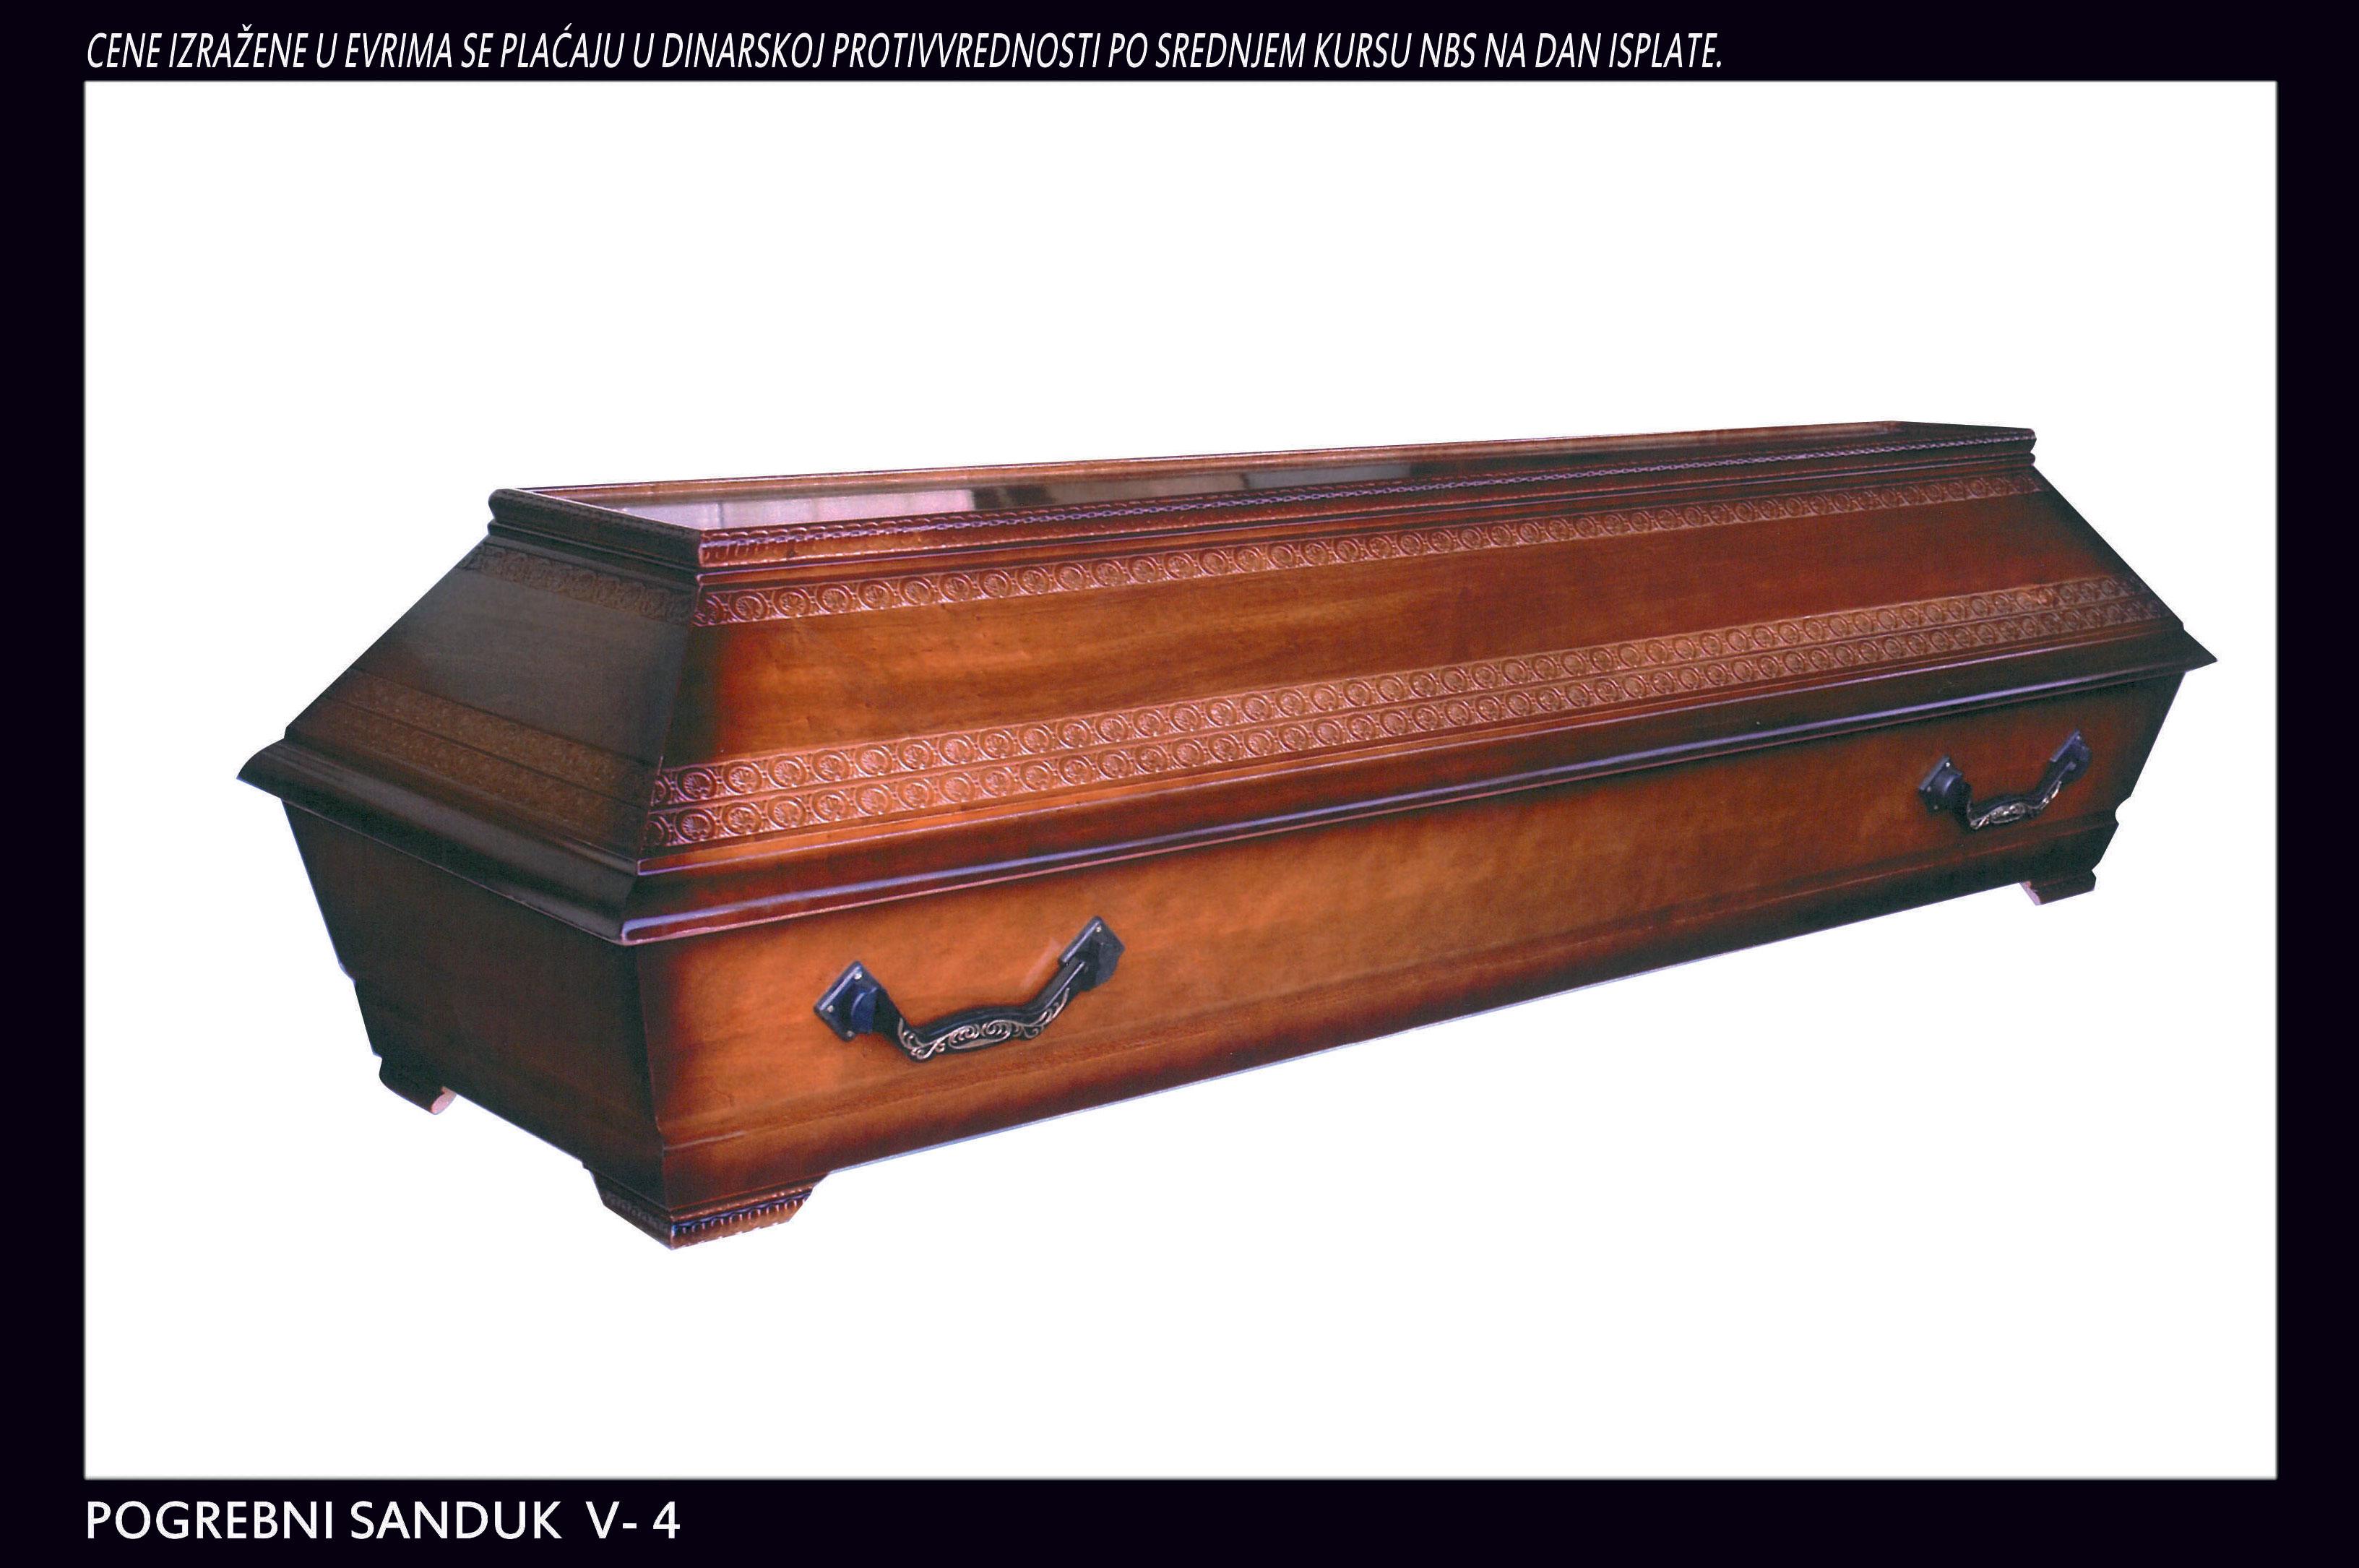 Pogrebni sanduk V-4